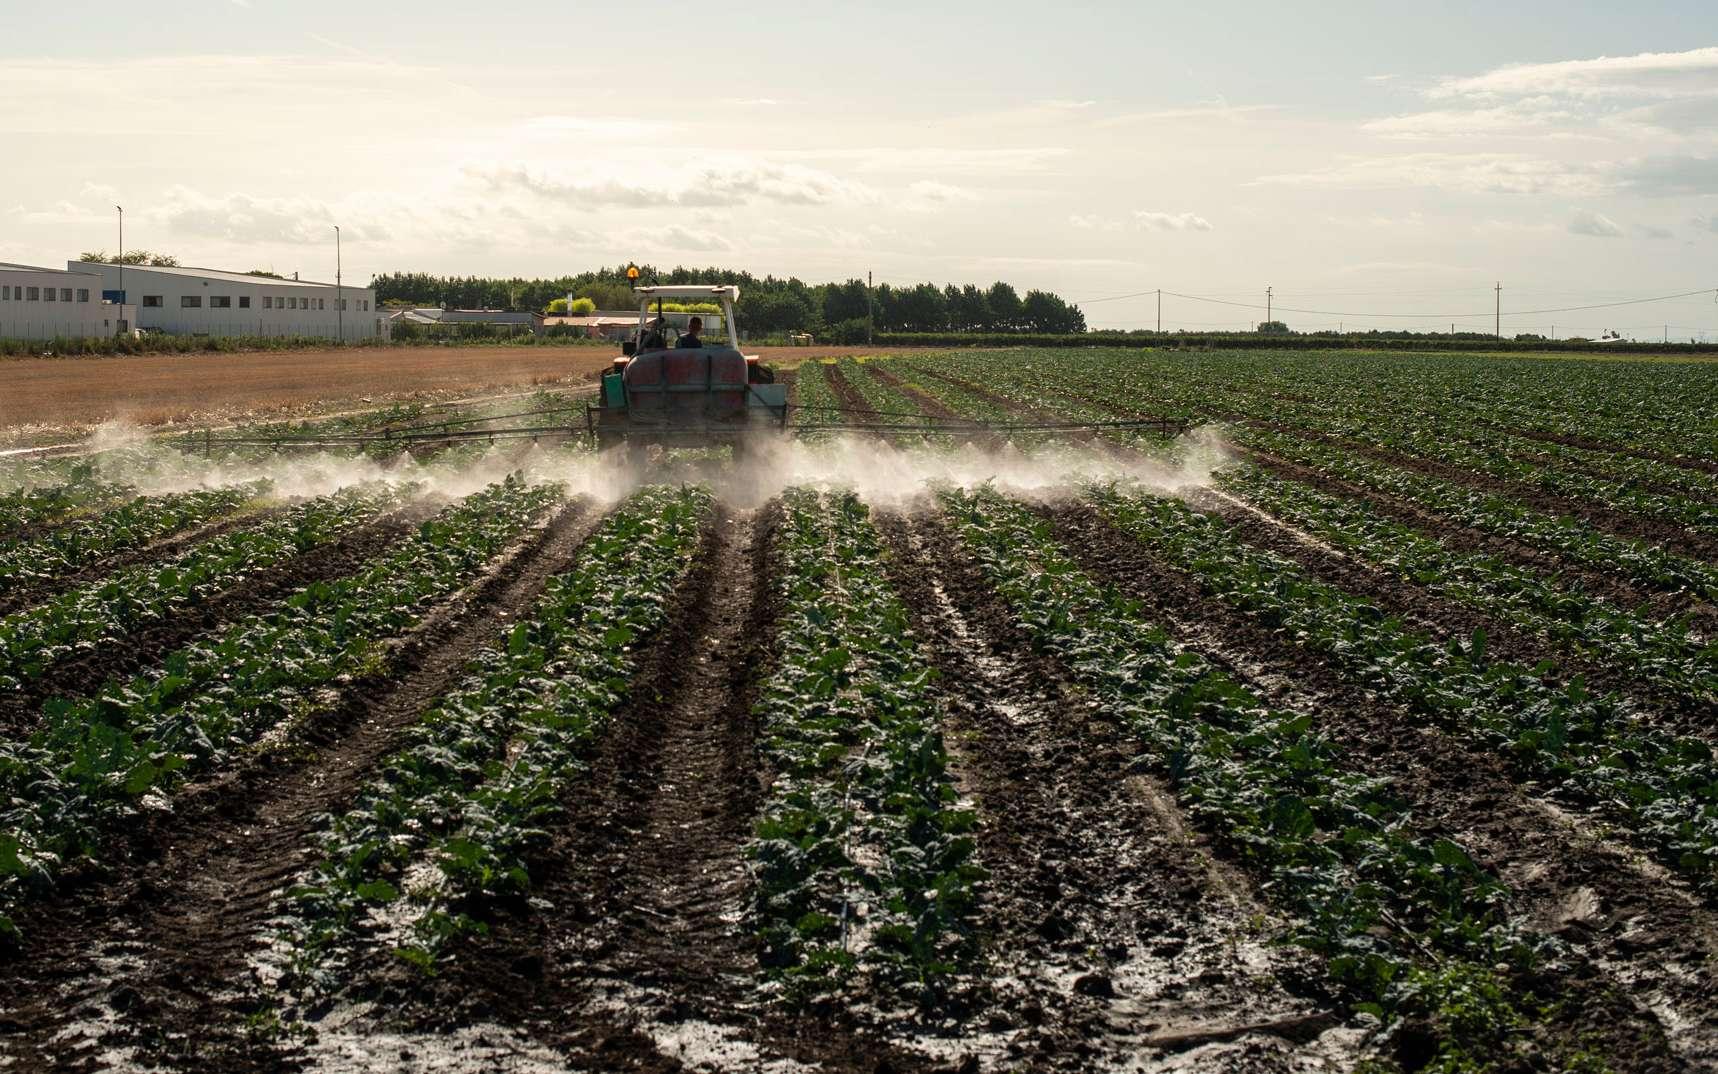 Un tracteur pulvérise des pesticides sur un champ ©deyangeorgiev, Envato elements